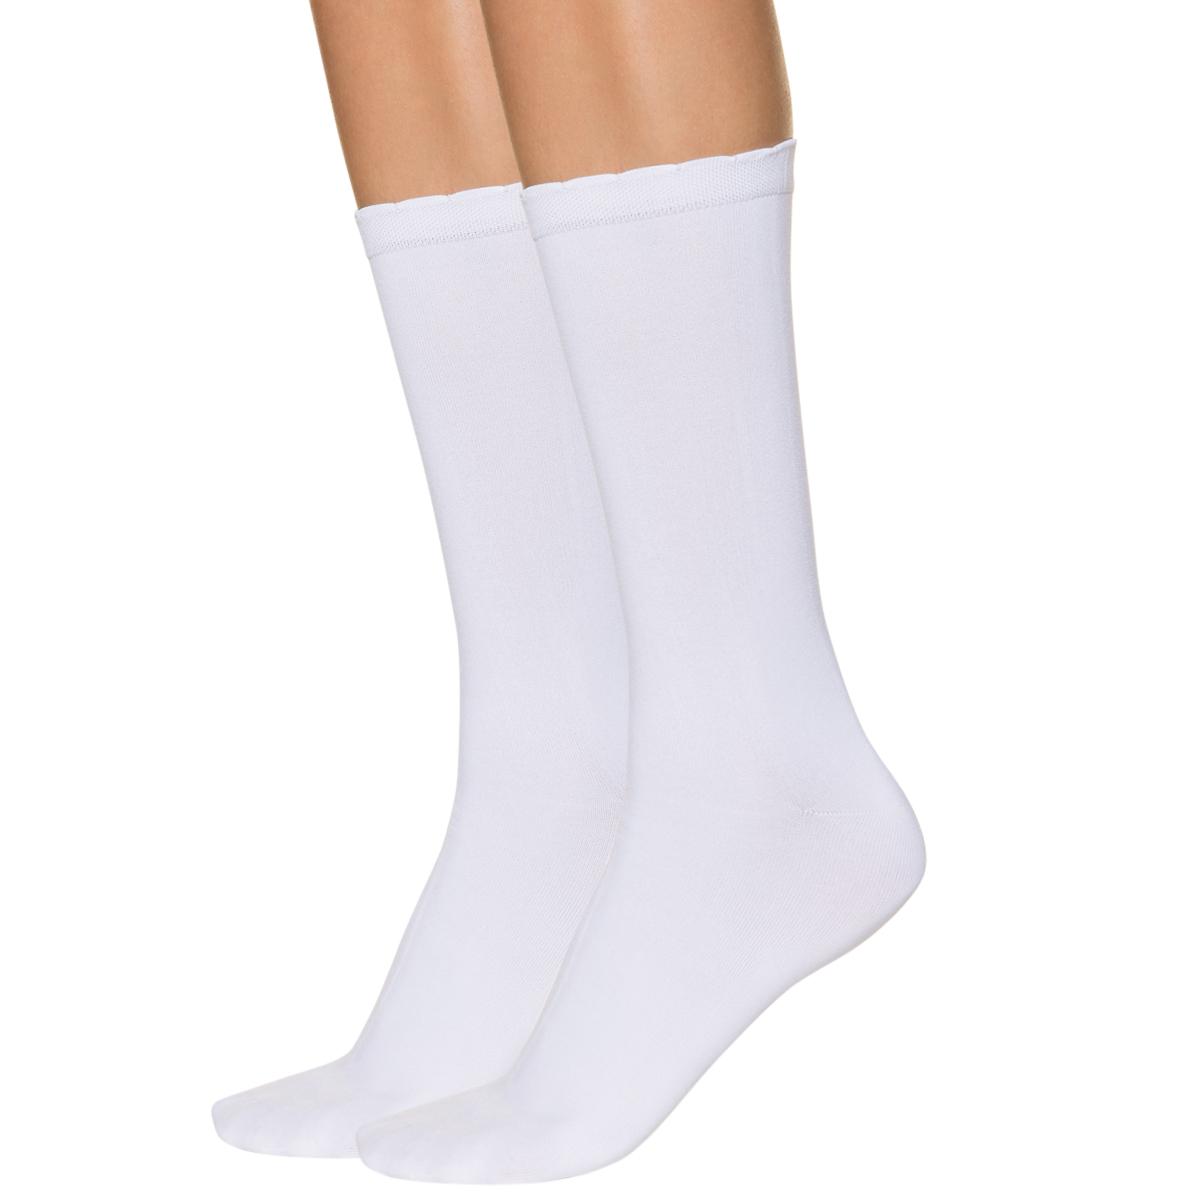 99cd9aded2a Lot de 2 mi-chaussettes blanches seconde peau Femme-DIM